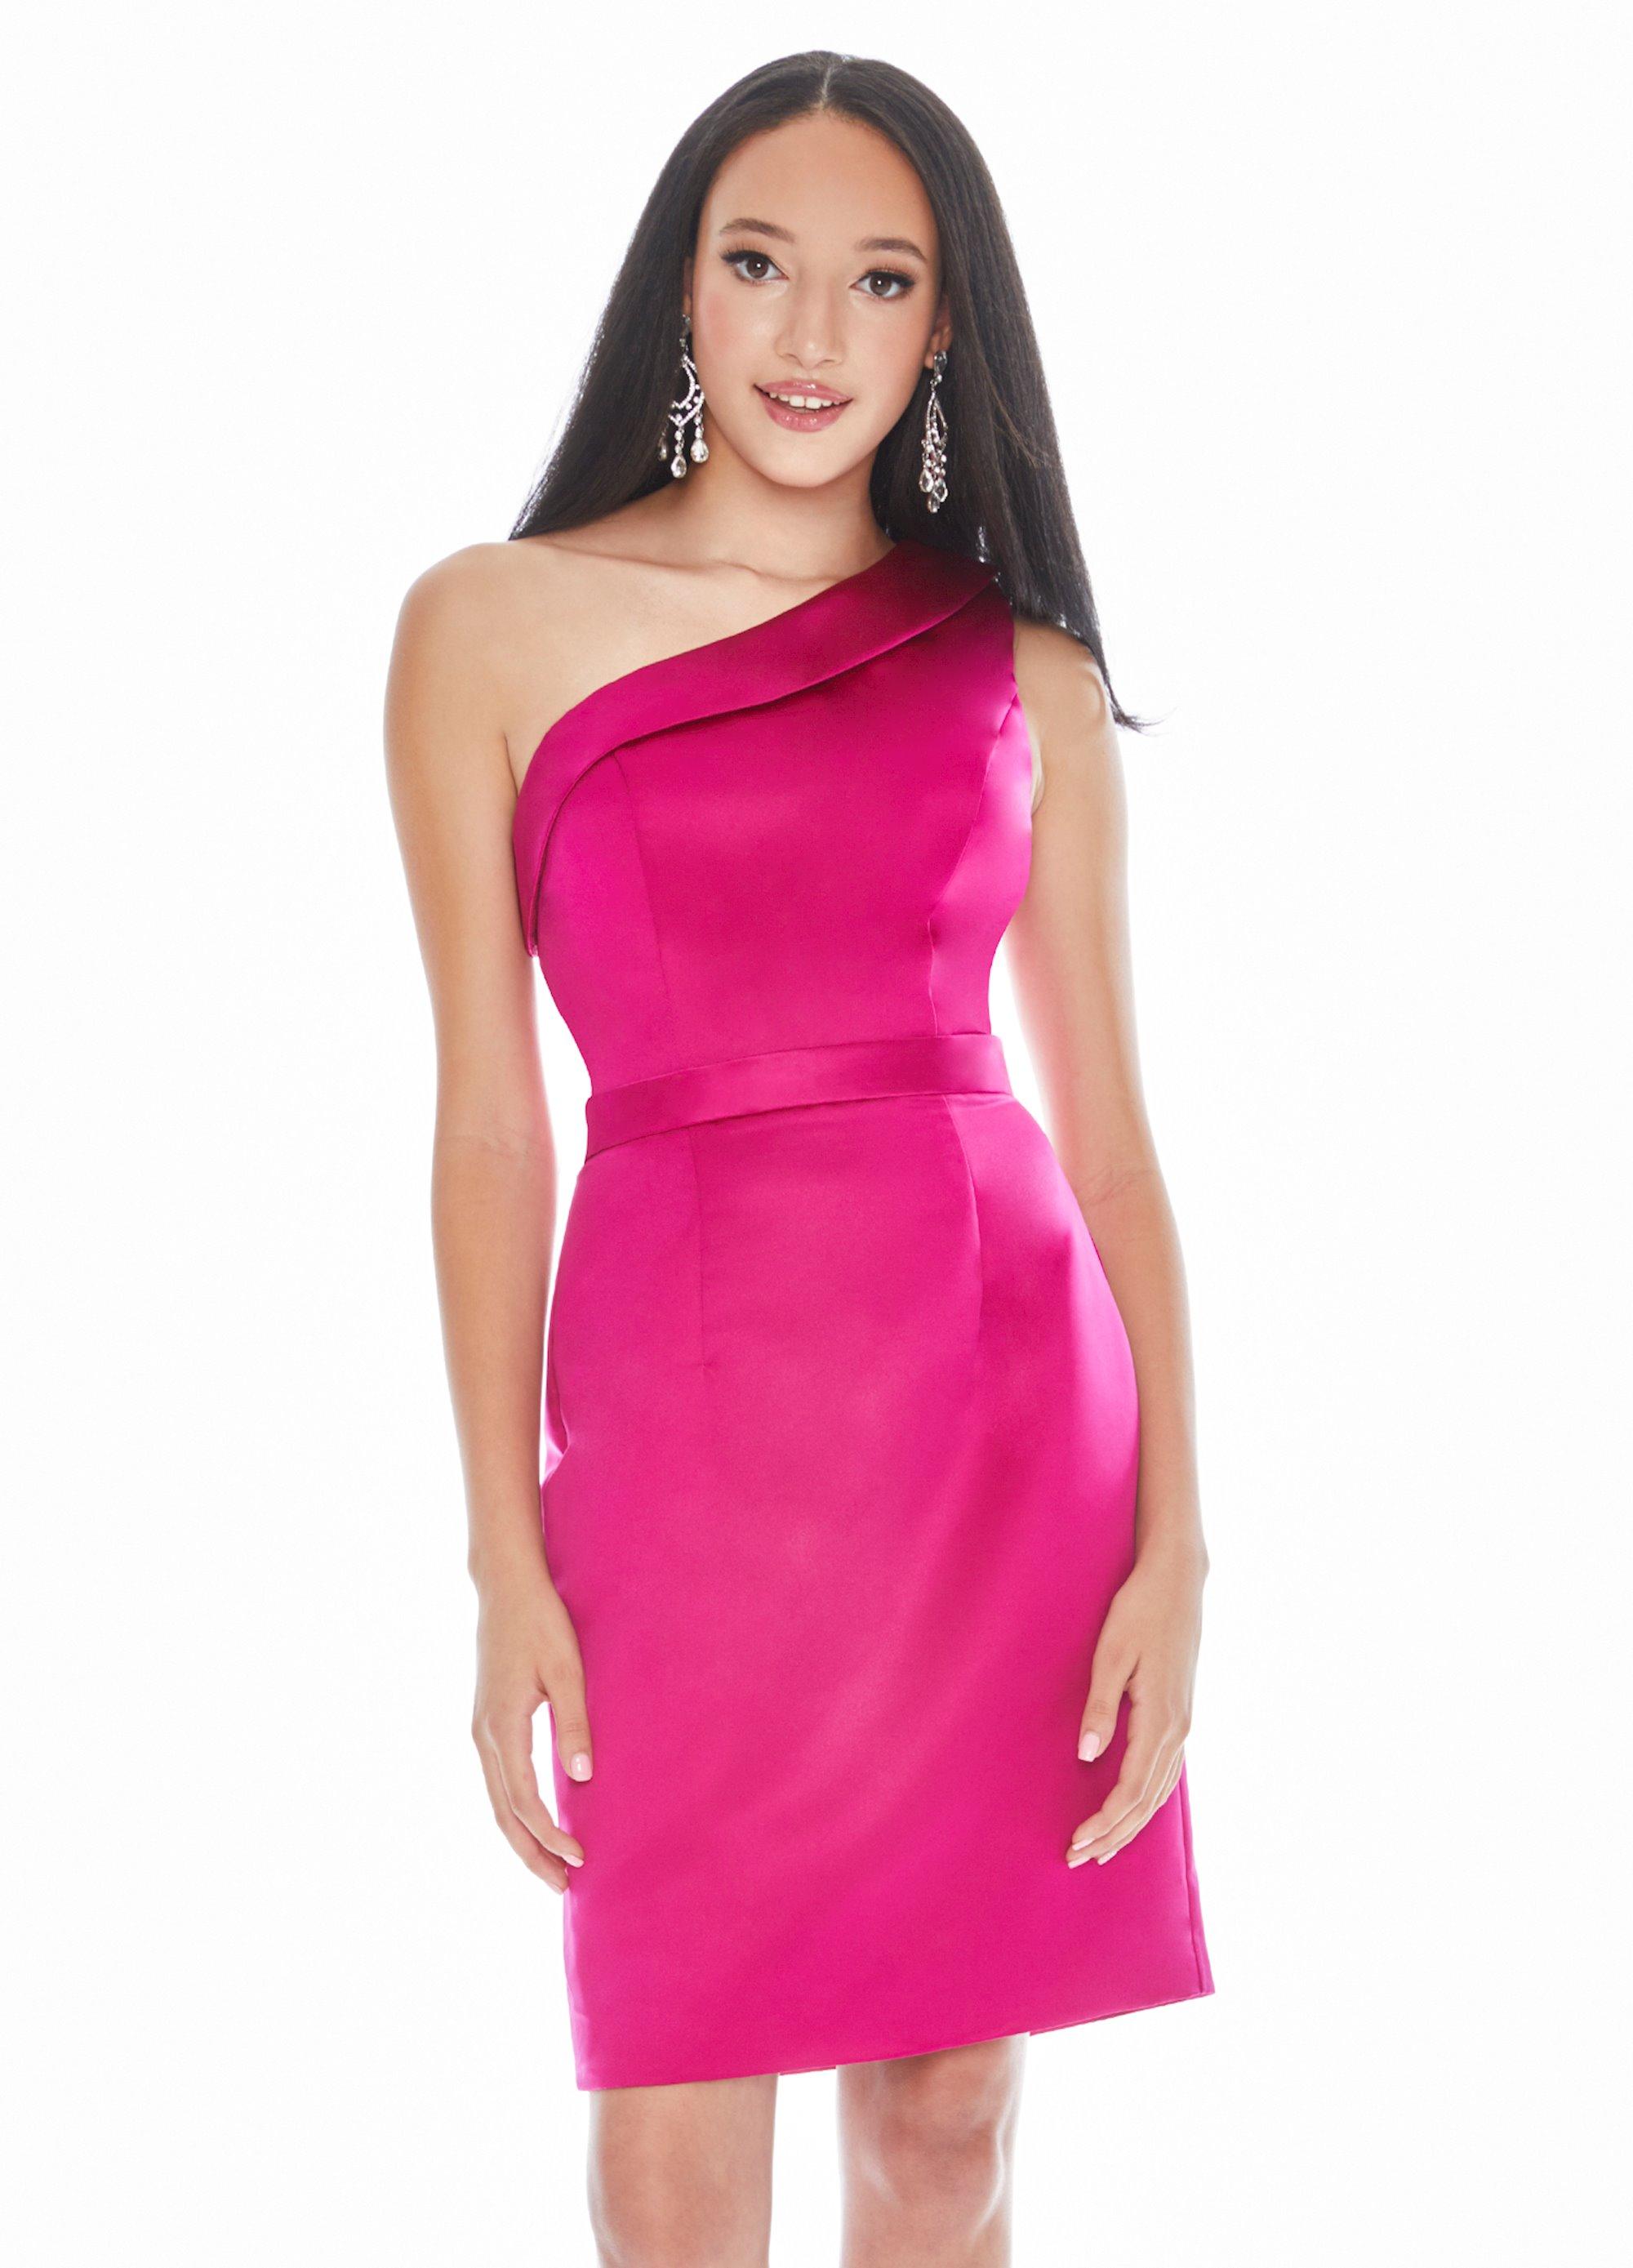 ffaef3145b7 Ashley Lauren - One Shoulder Satin Cocktail Dress